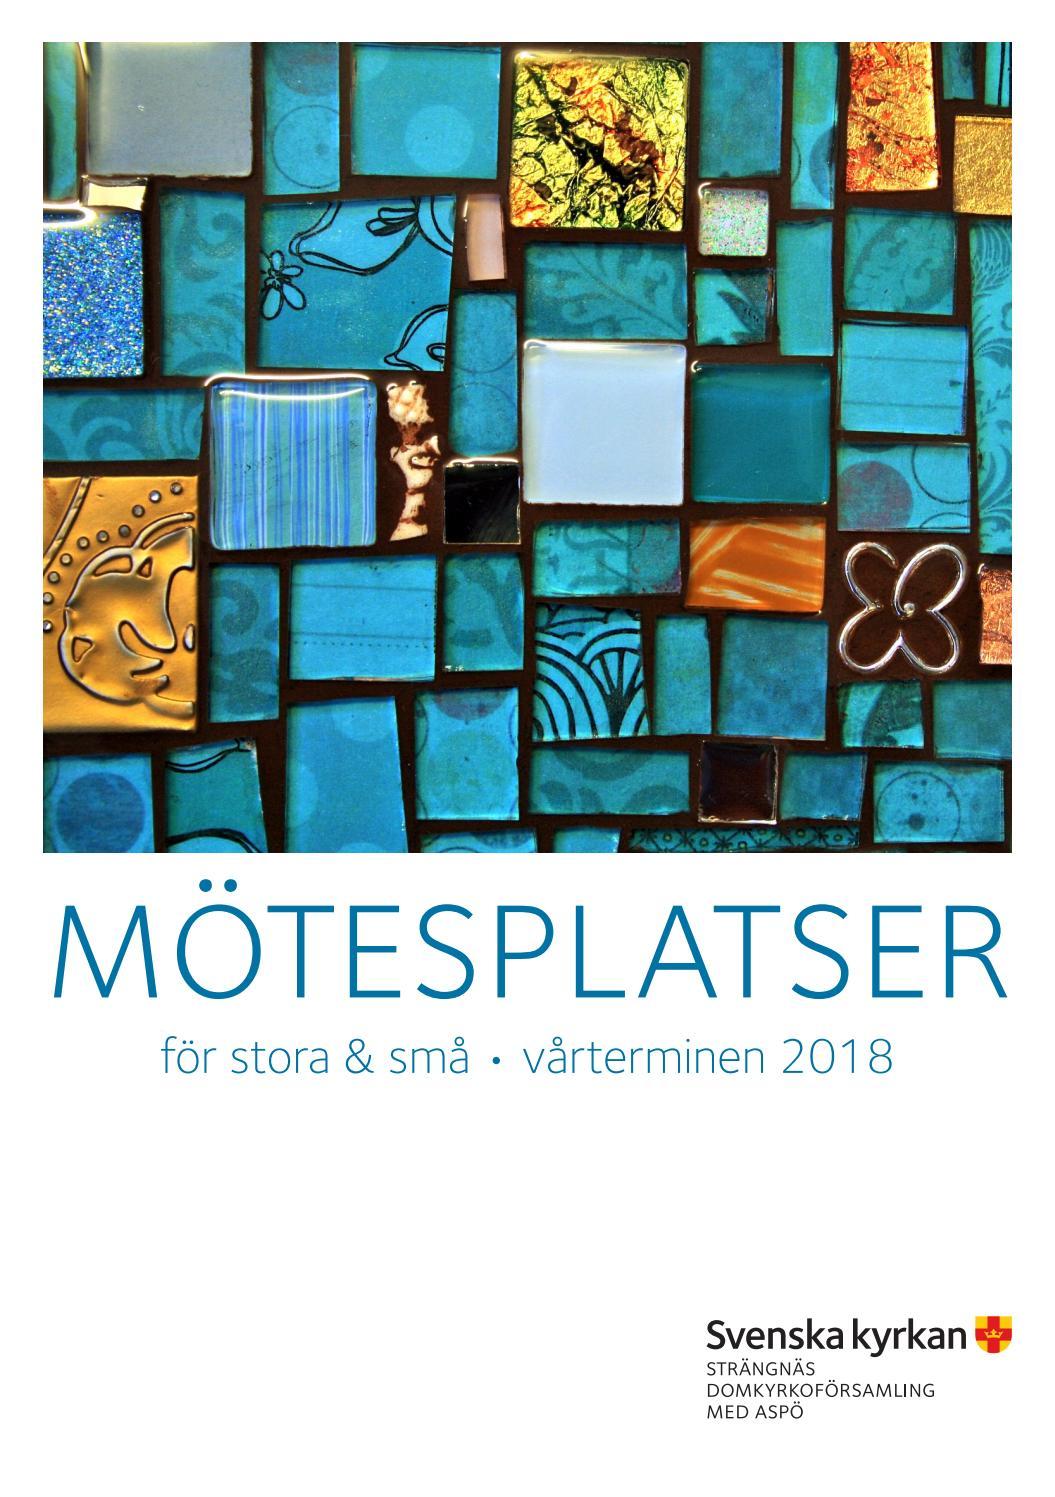 Mtesplatser fr ldre och andra - satisfaction-survey.net